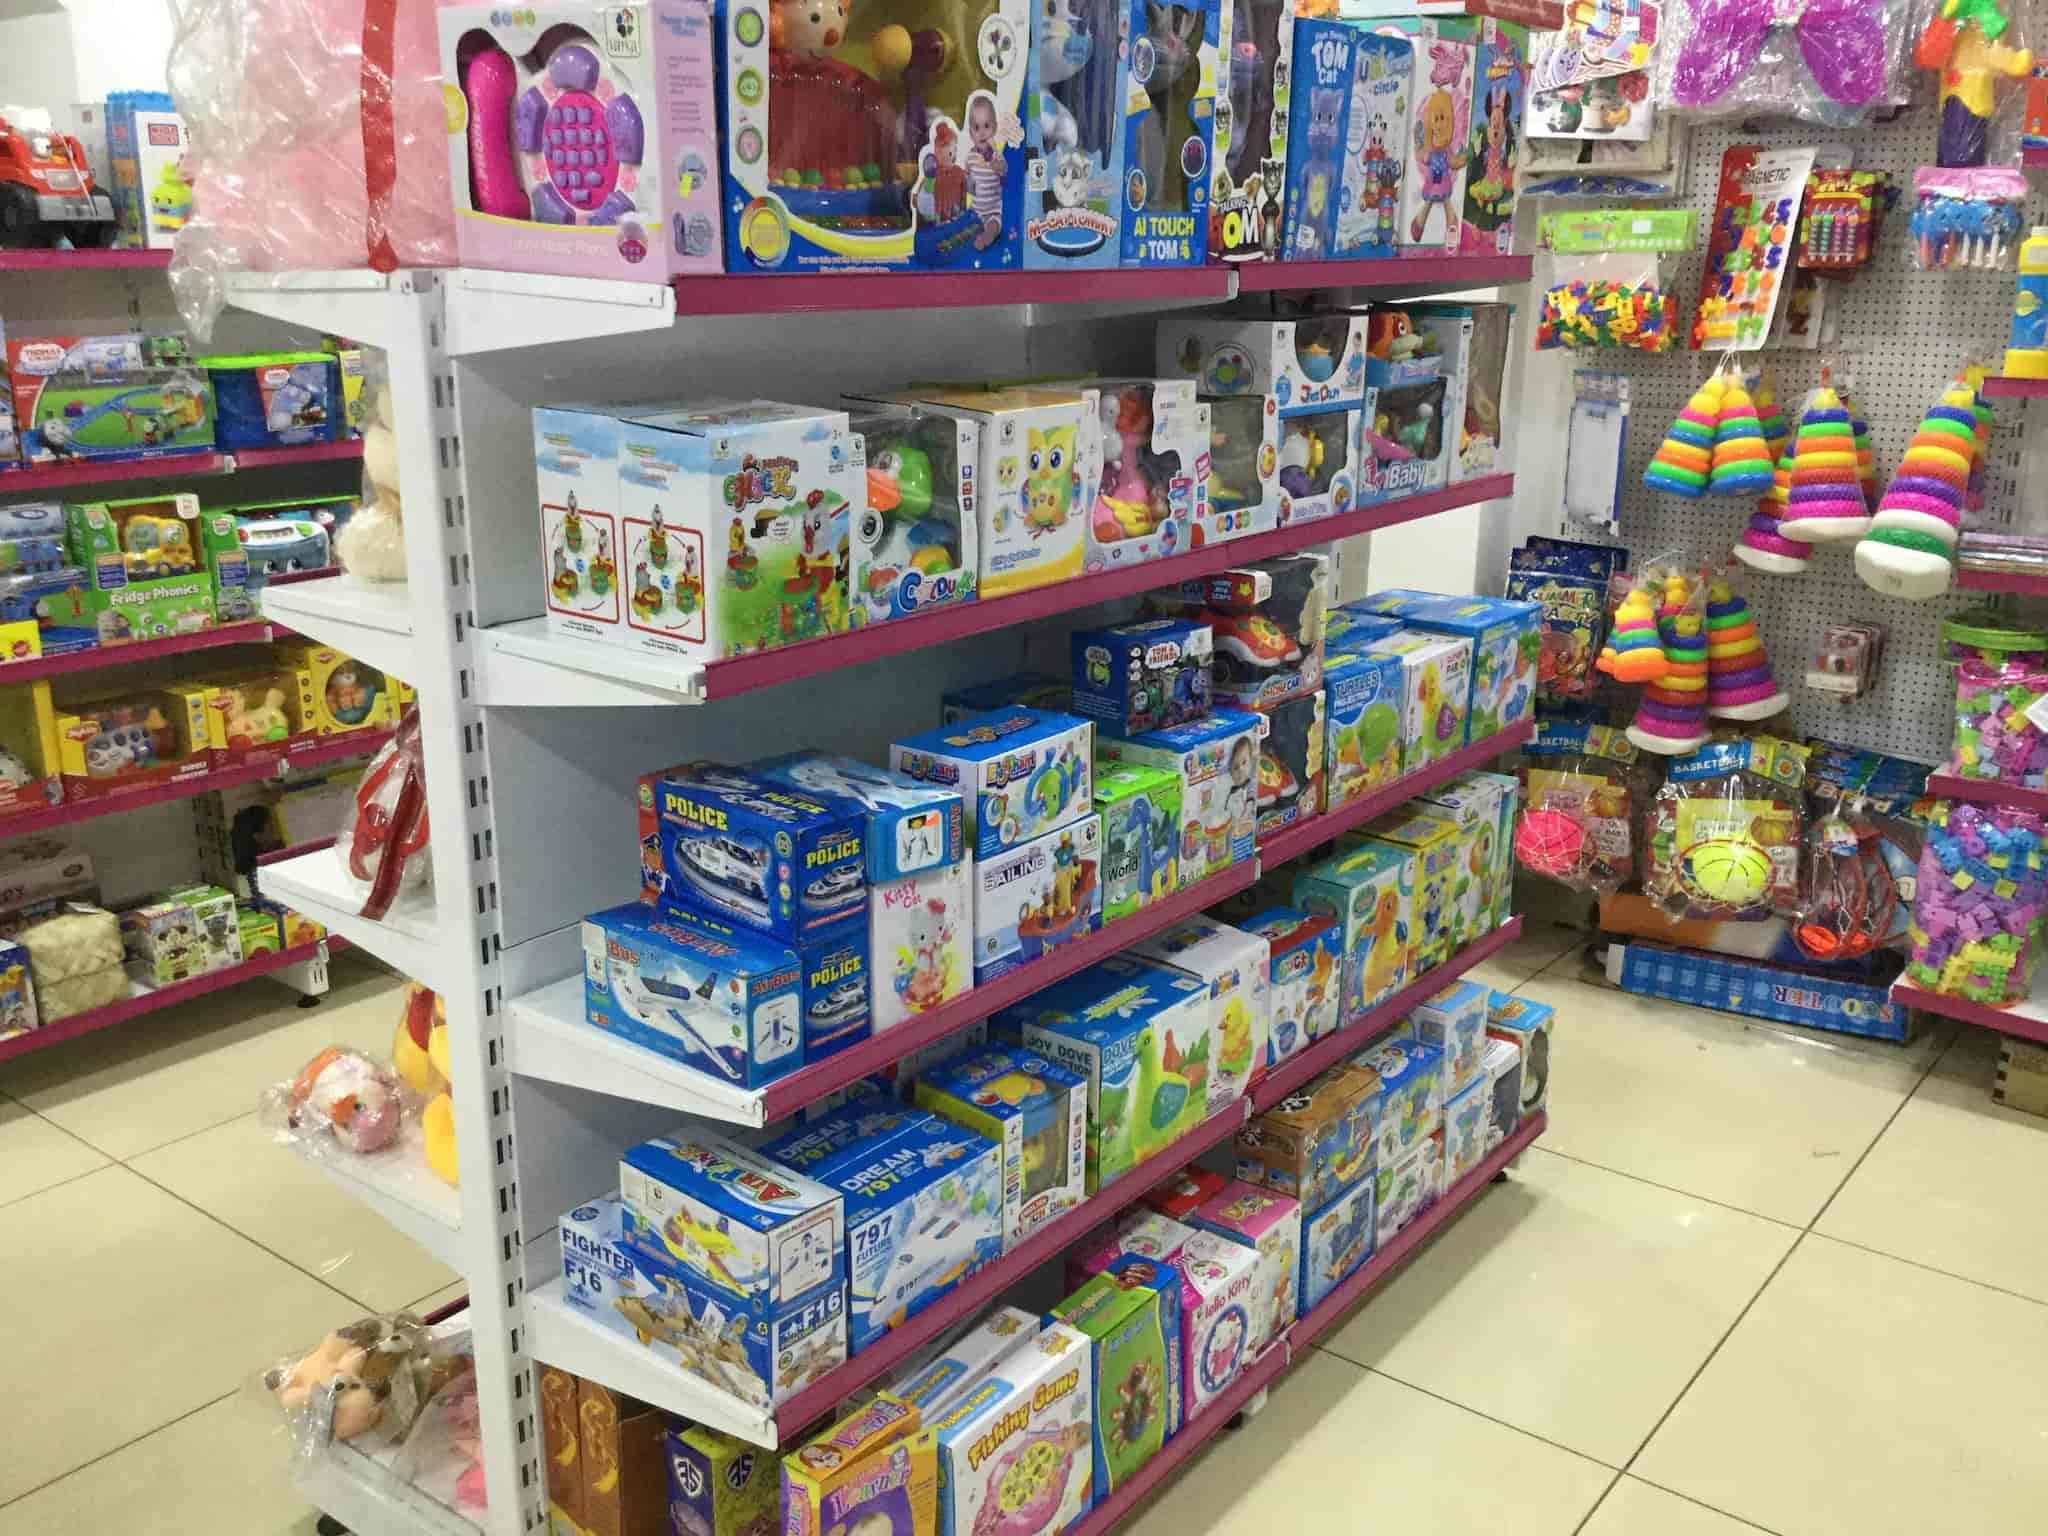 Baby Bootique, Gandhipuram Coimbatore - Toy Shops in Coimbatore